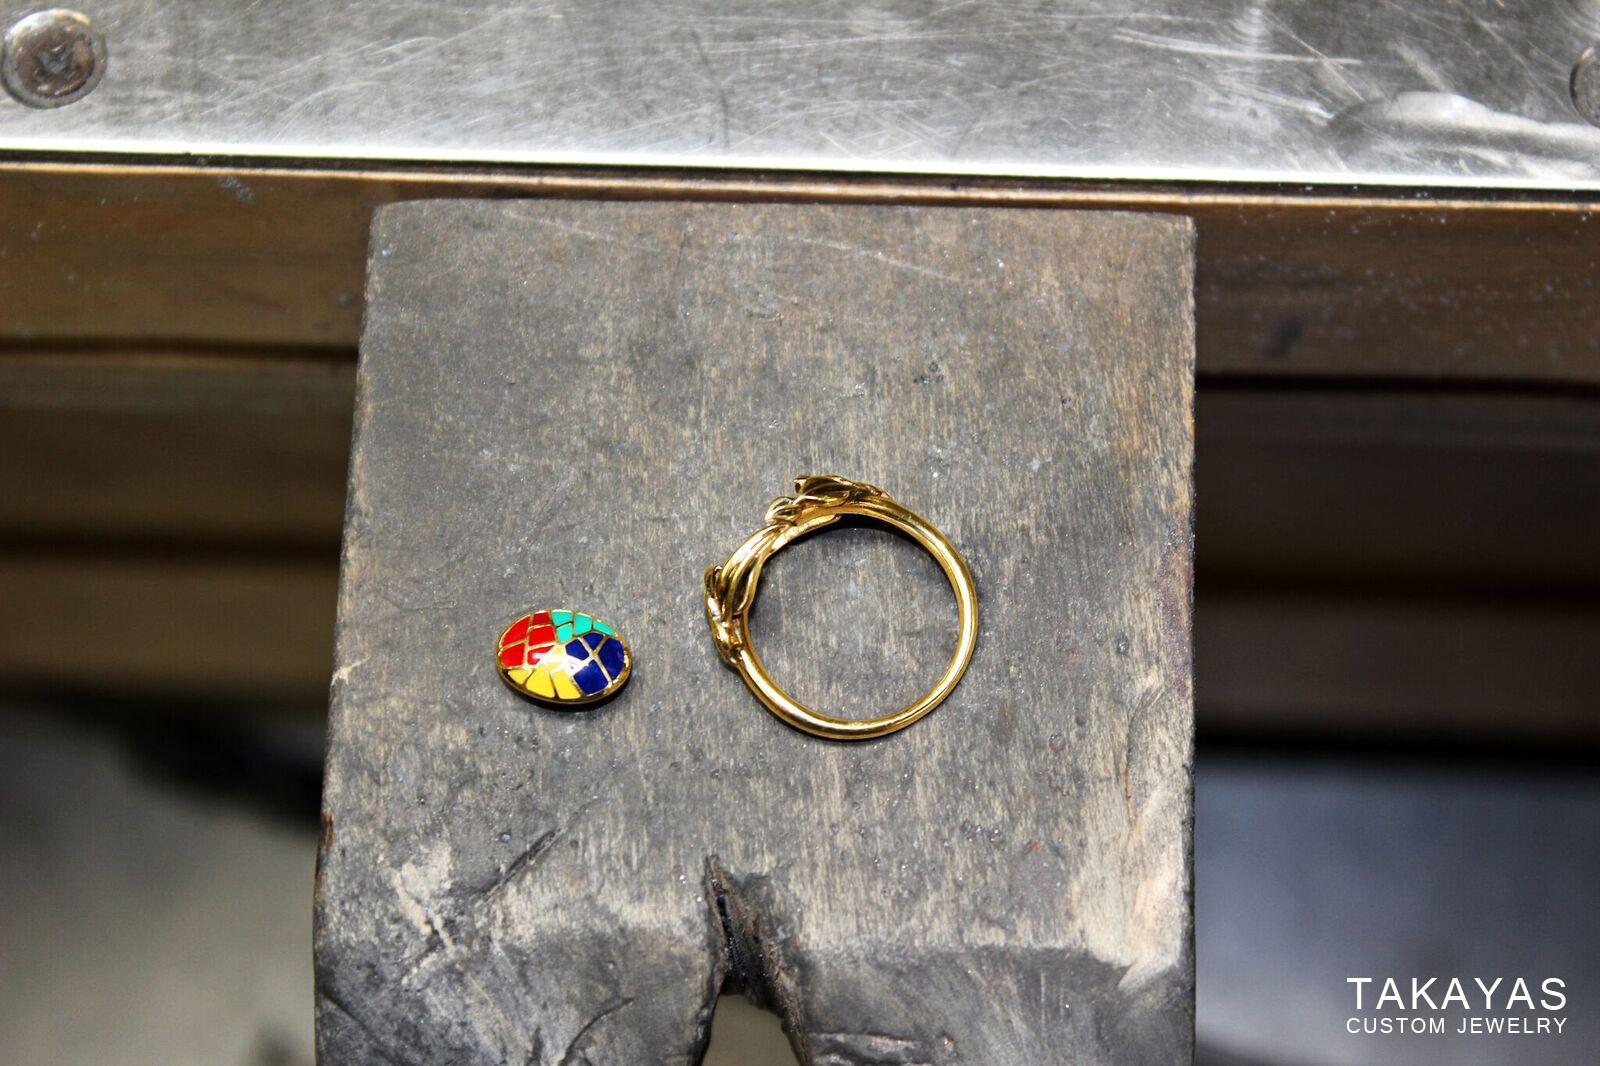 enamel engagement ring finished pieces Takayas Custom Jewelry